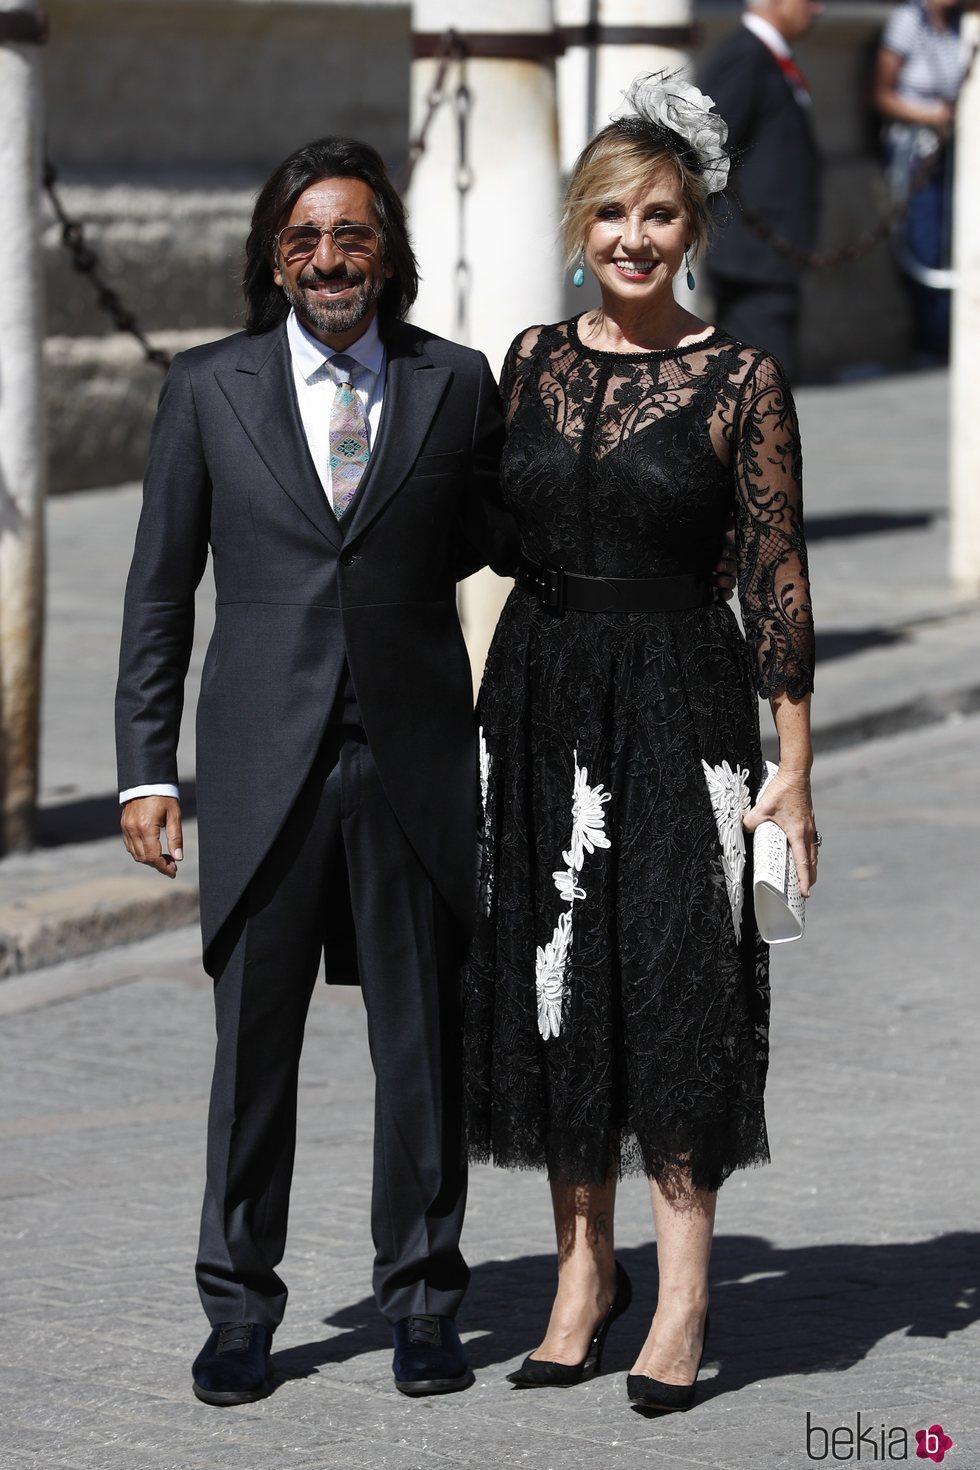 Antonio Carmona y su mujer Mariola Orellana a su llegada a la boda de Pilar Rubio y Sergio Ramos